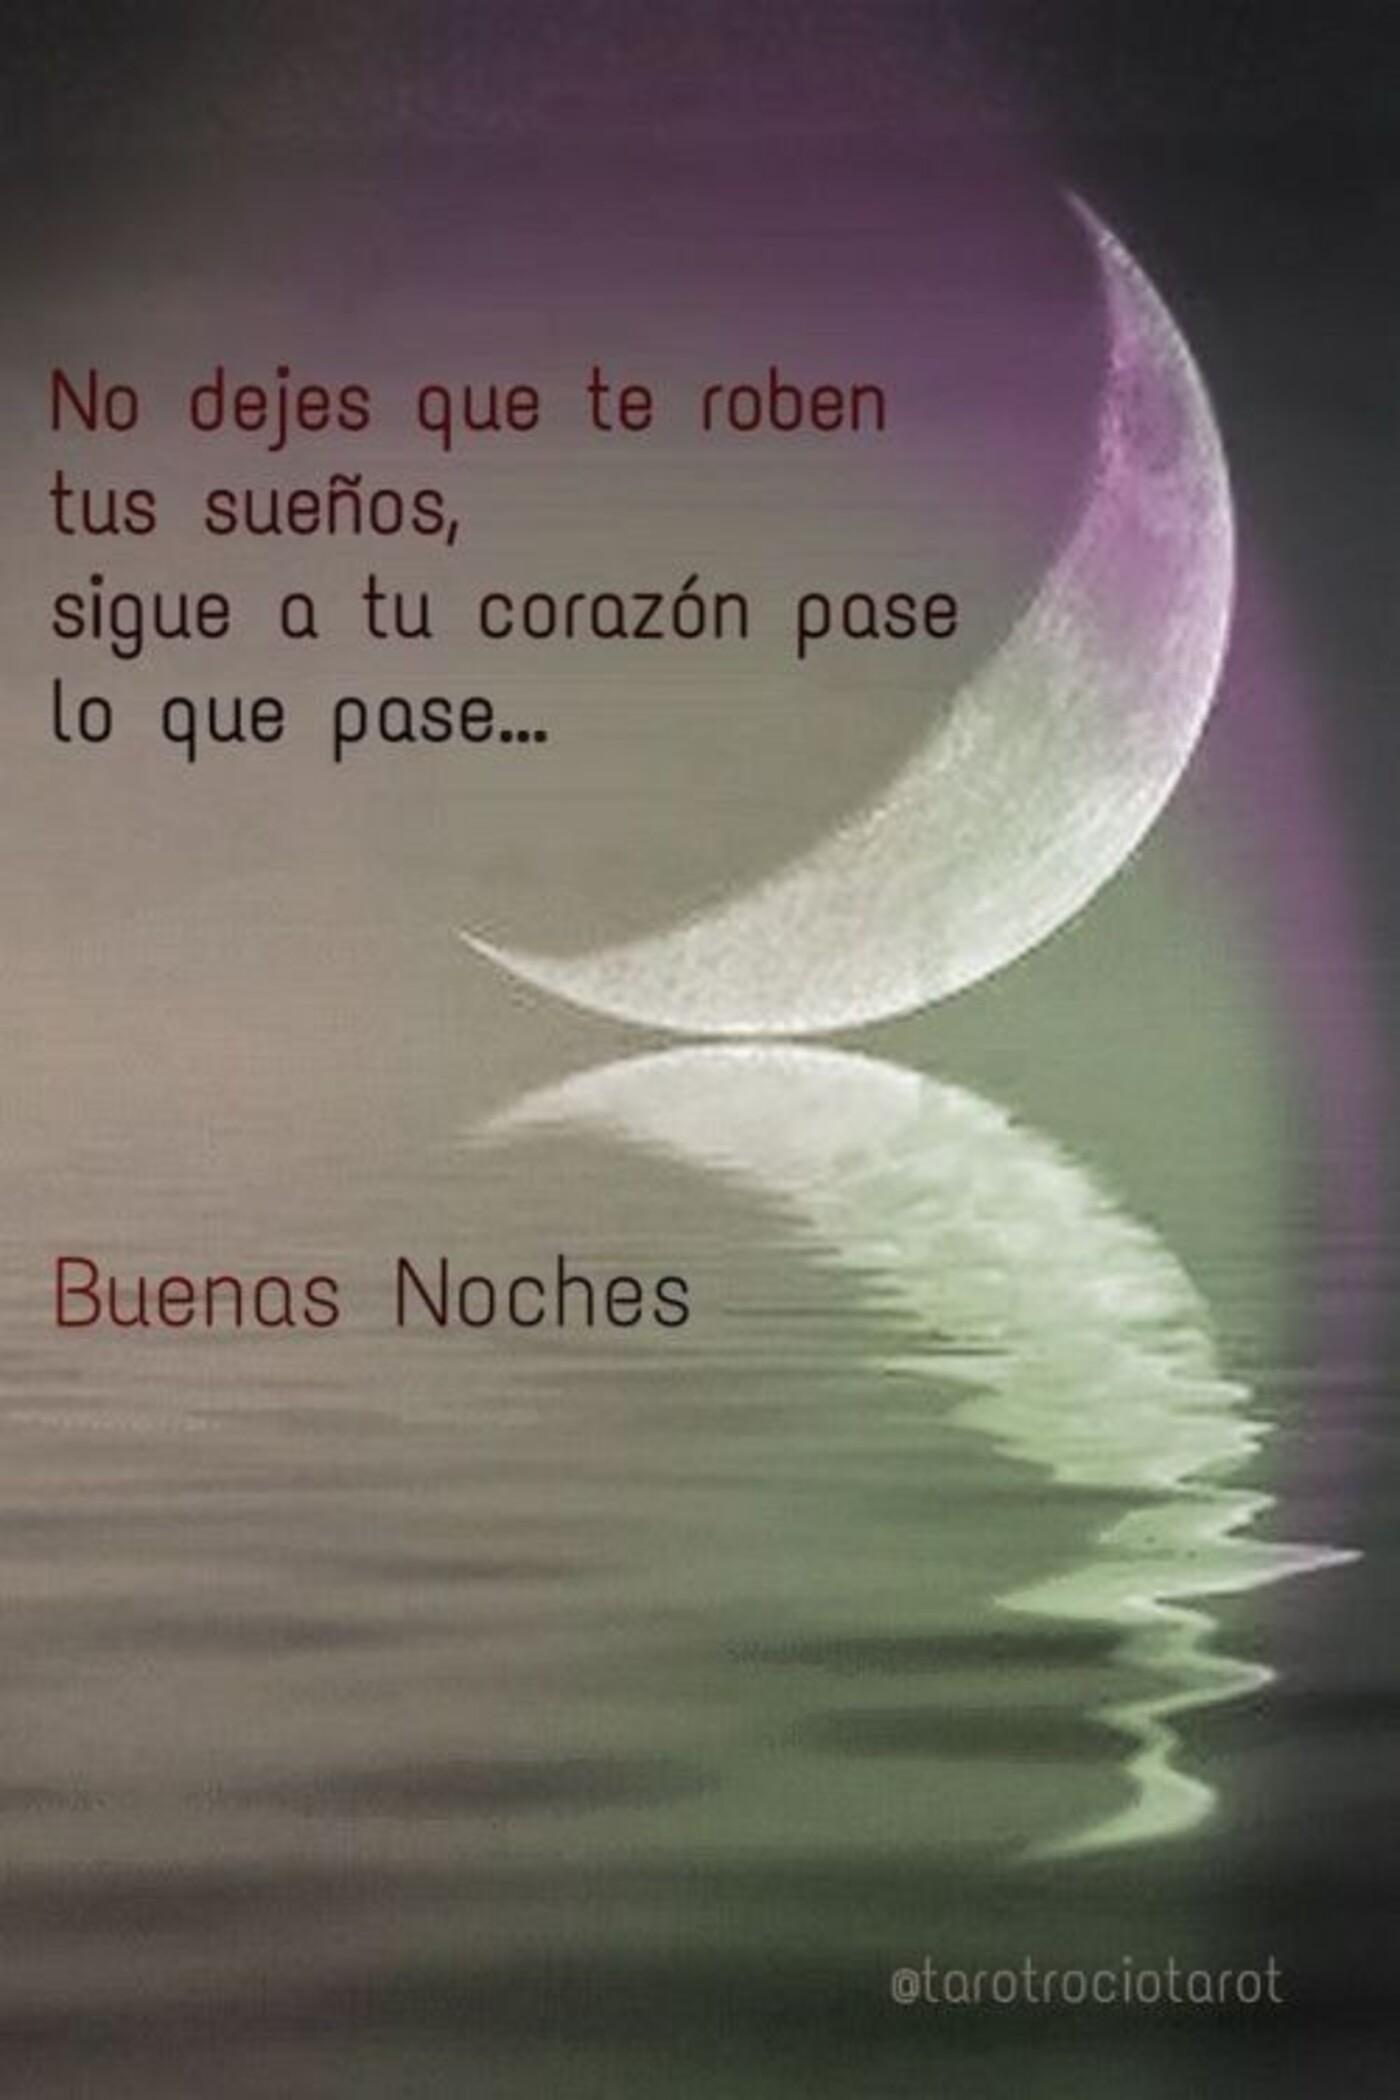 No dejes que te roben tus sueños, sigue a tu corazón pase lo que pase...buenas noches